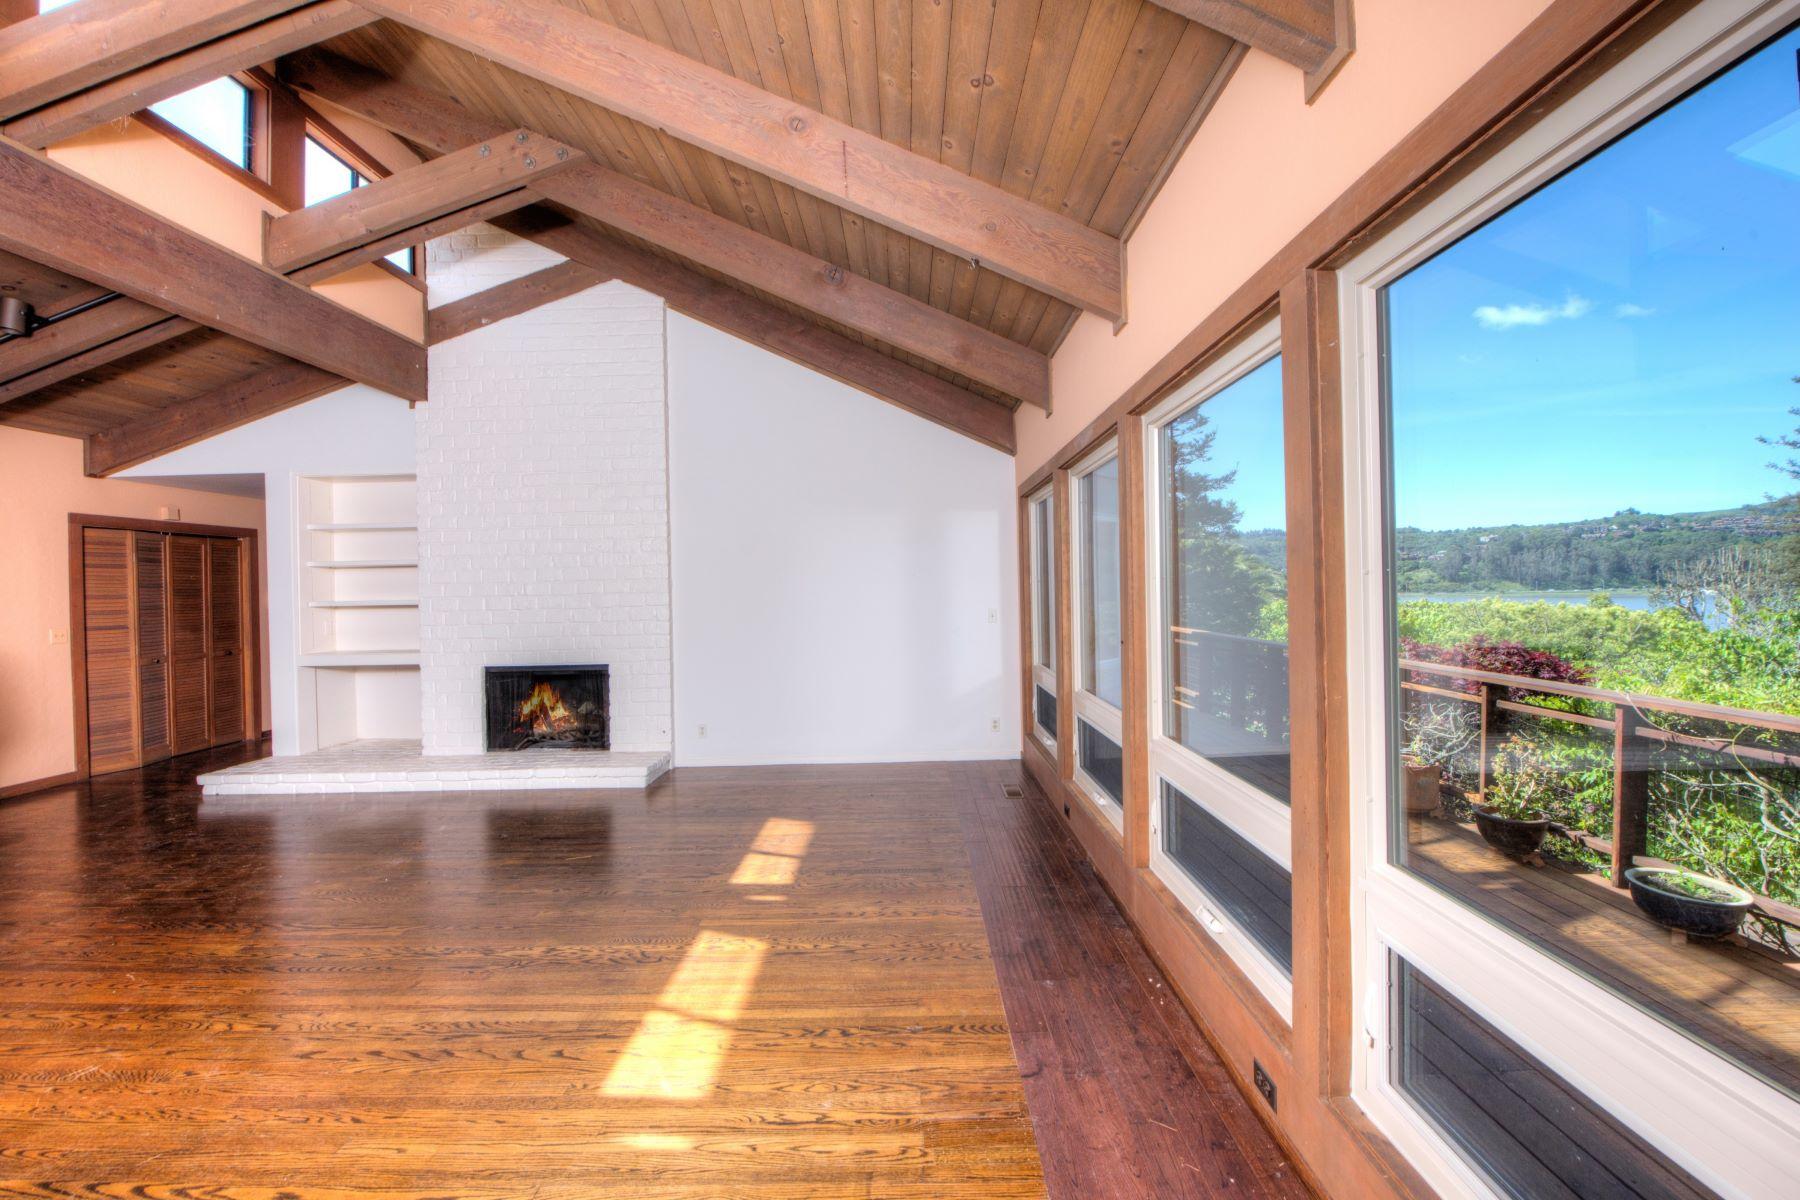 단독 가정 주택 용 매매 에 Magical Mill Valley 2 Topside Way Mill Valley, 캘리포니아, 94941 미국